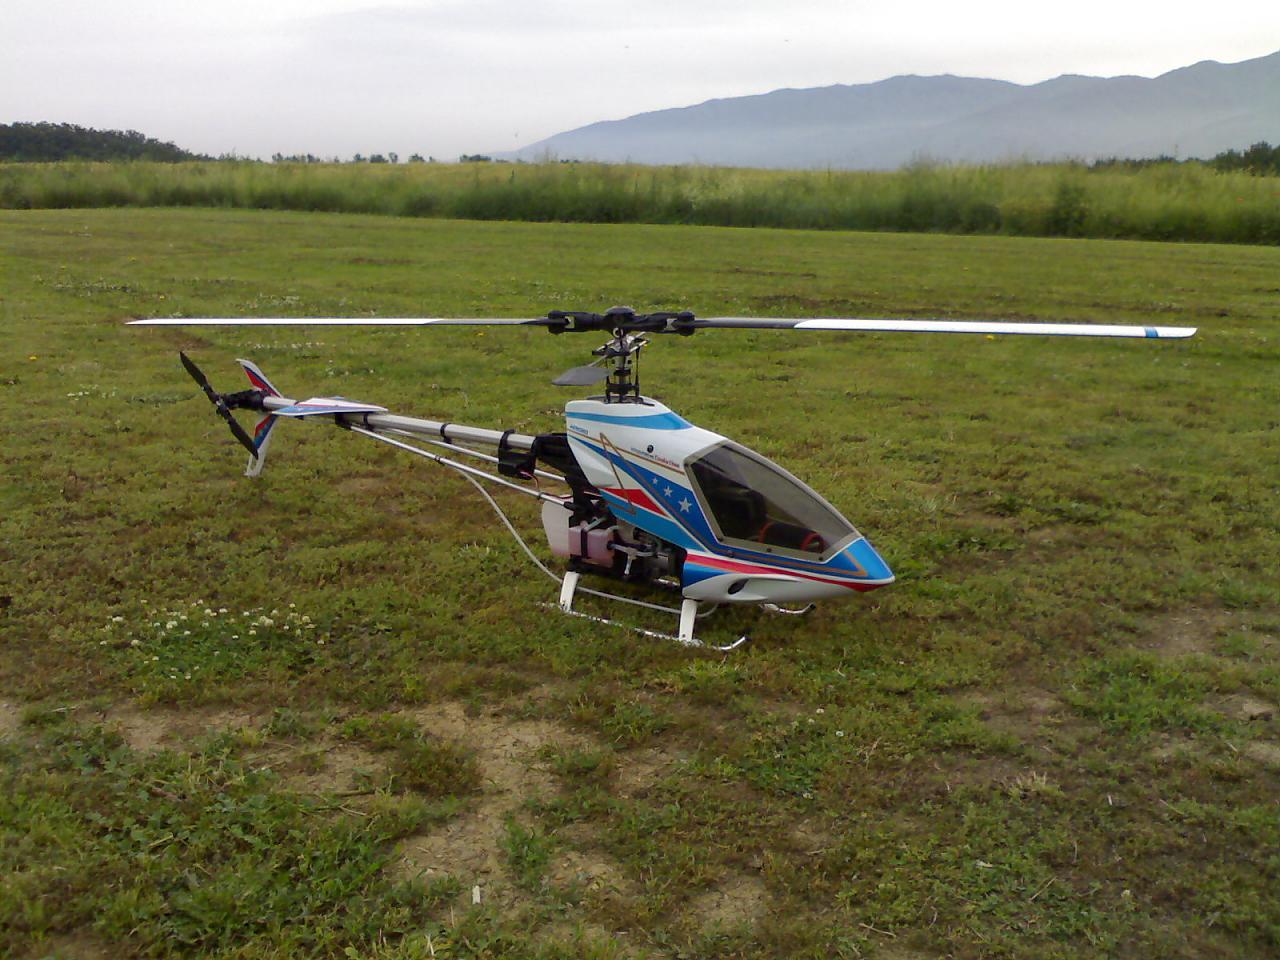 Elicottero 90 : Valutazione usato hirobo freya baronerosso